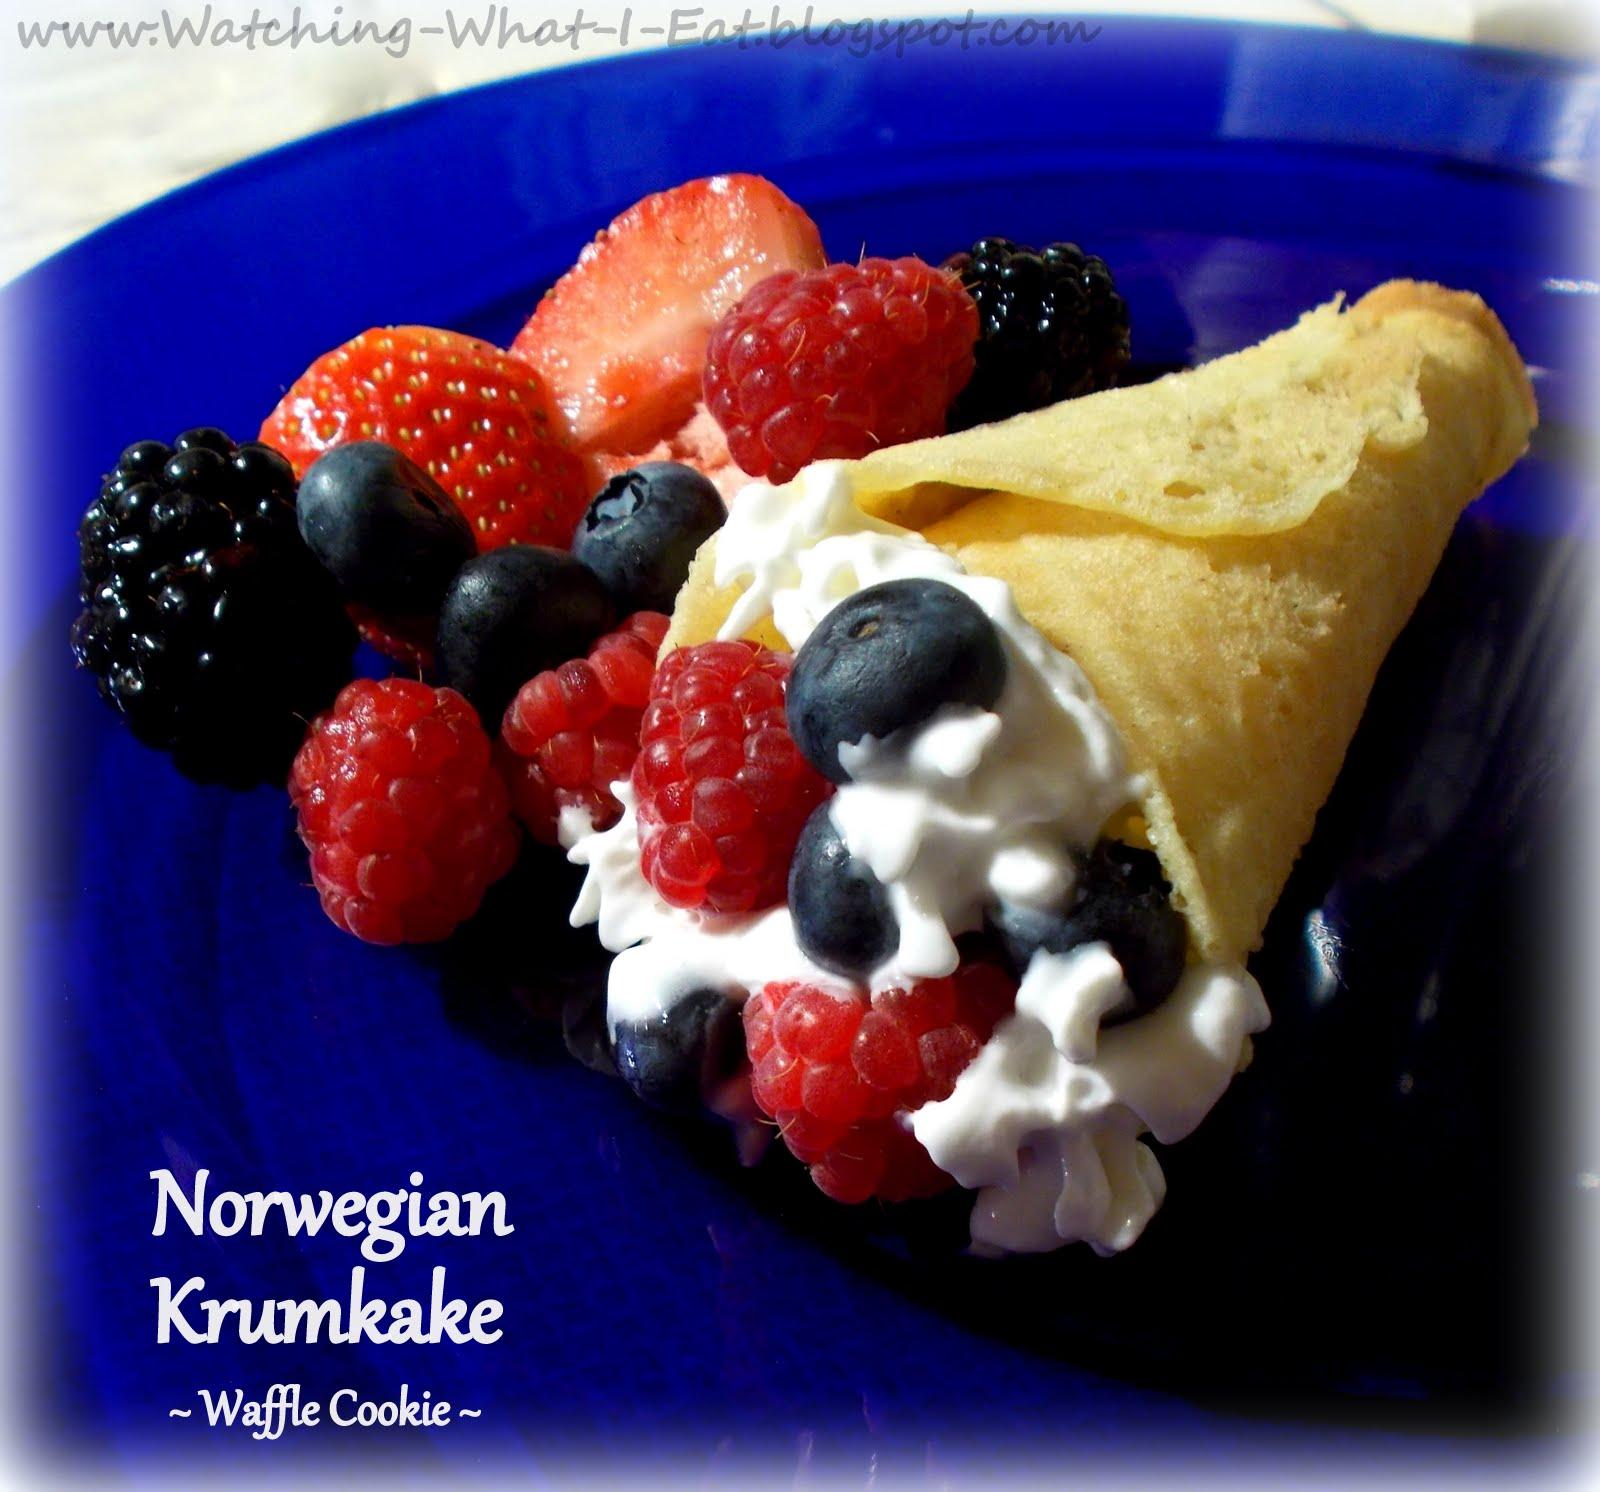 Watching What I Eat Norwegian Krumkaker Christmas Waffle Wafer